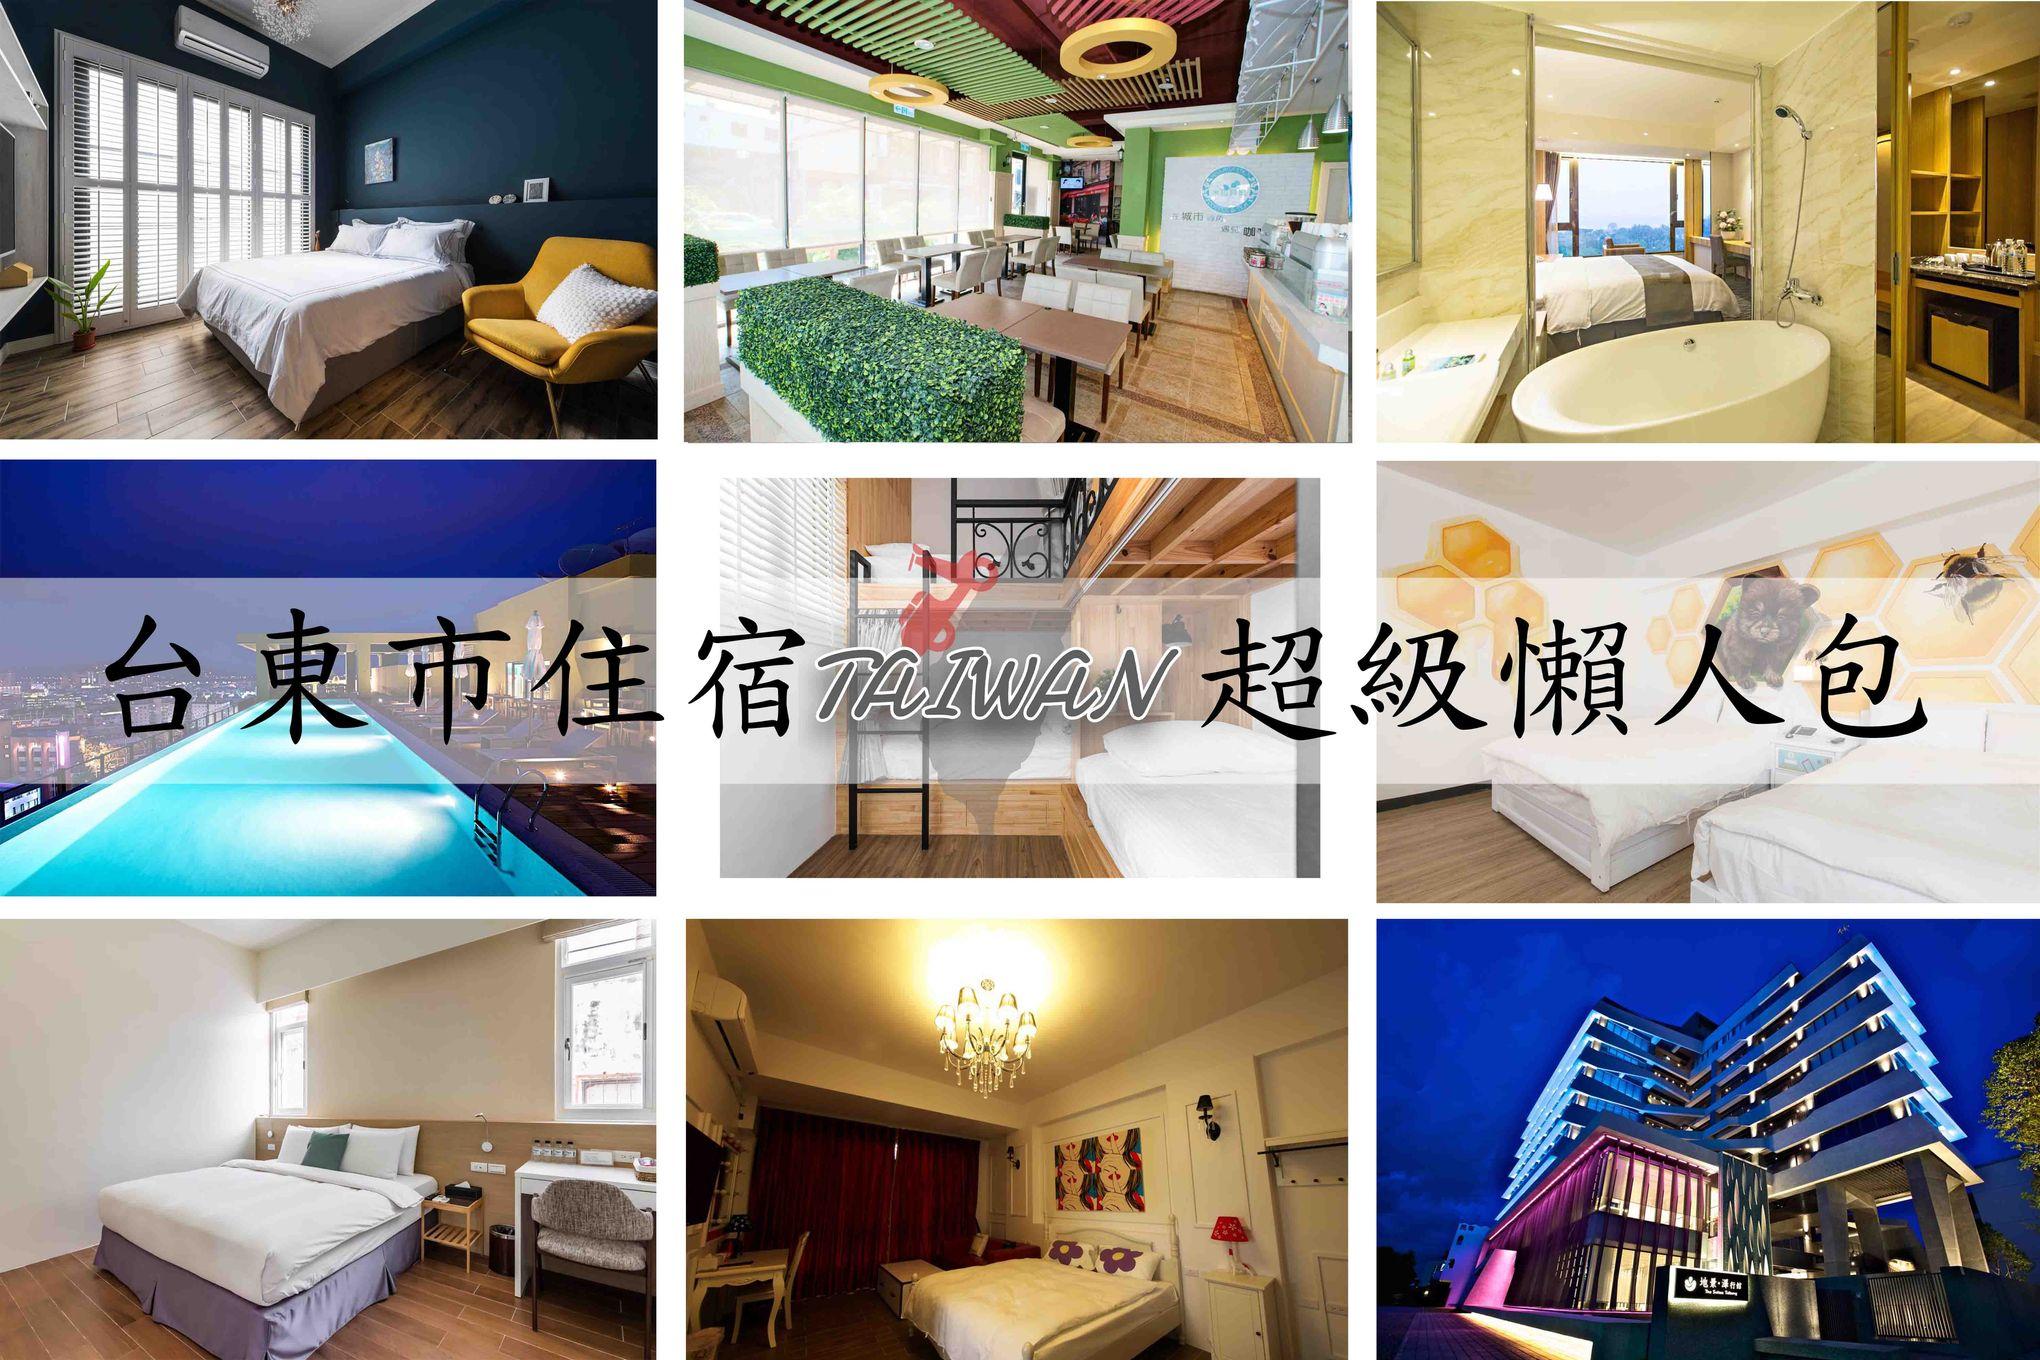 『台東市區住宿』,超過30間從平價到奢華的飯店、民宿 看這篇就搞定|持續更新中